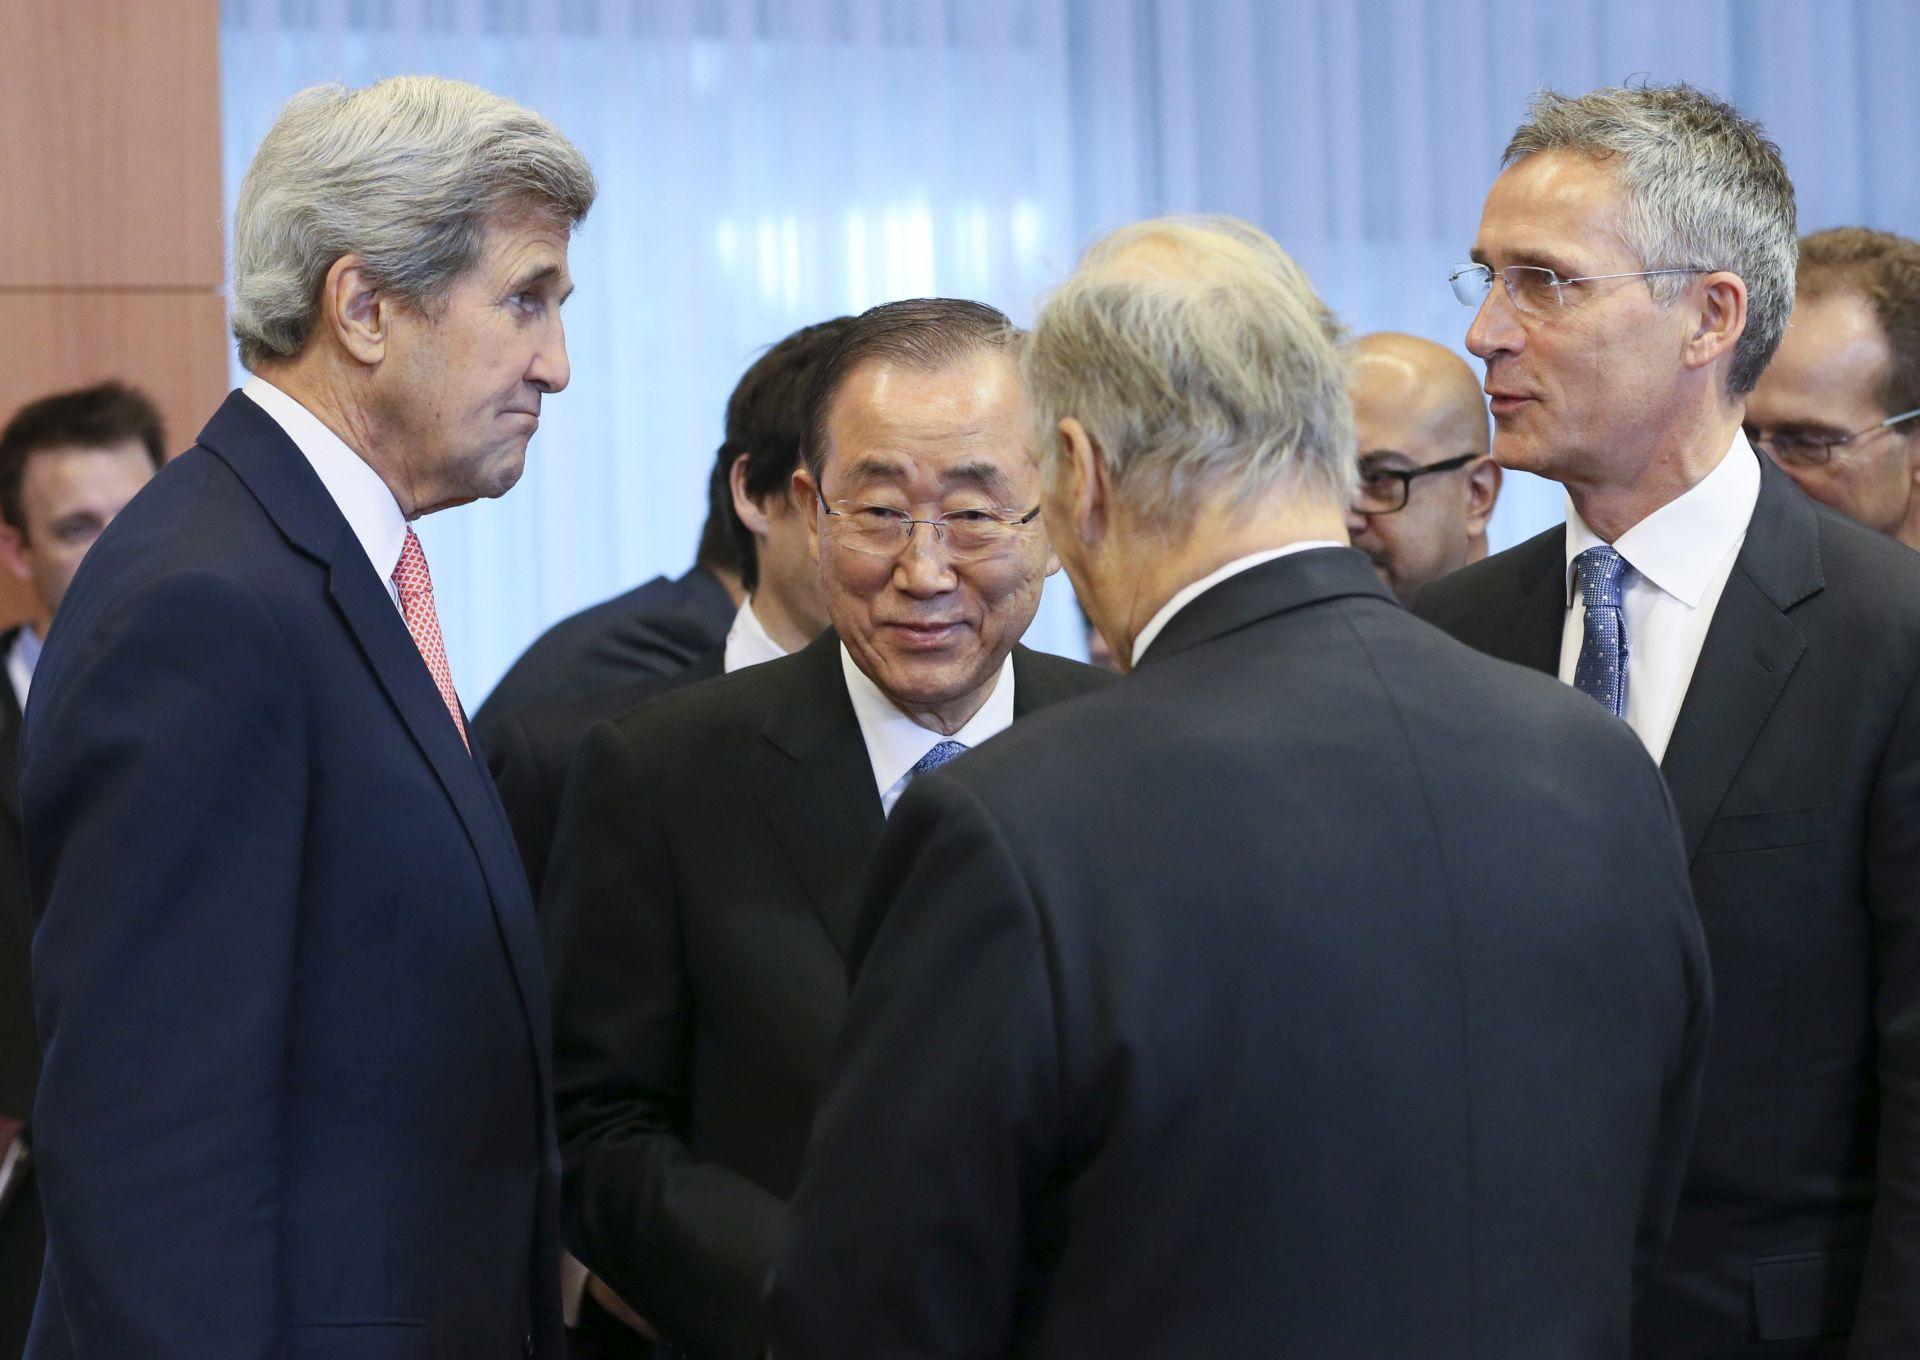 GLOBALNI SPORAZUM: Kerry s kineskim i indijskim ministrom o izbacivanju HFC-a